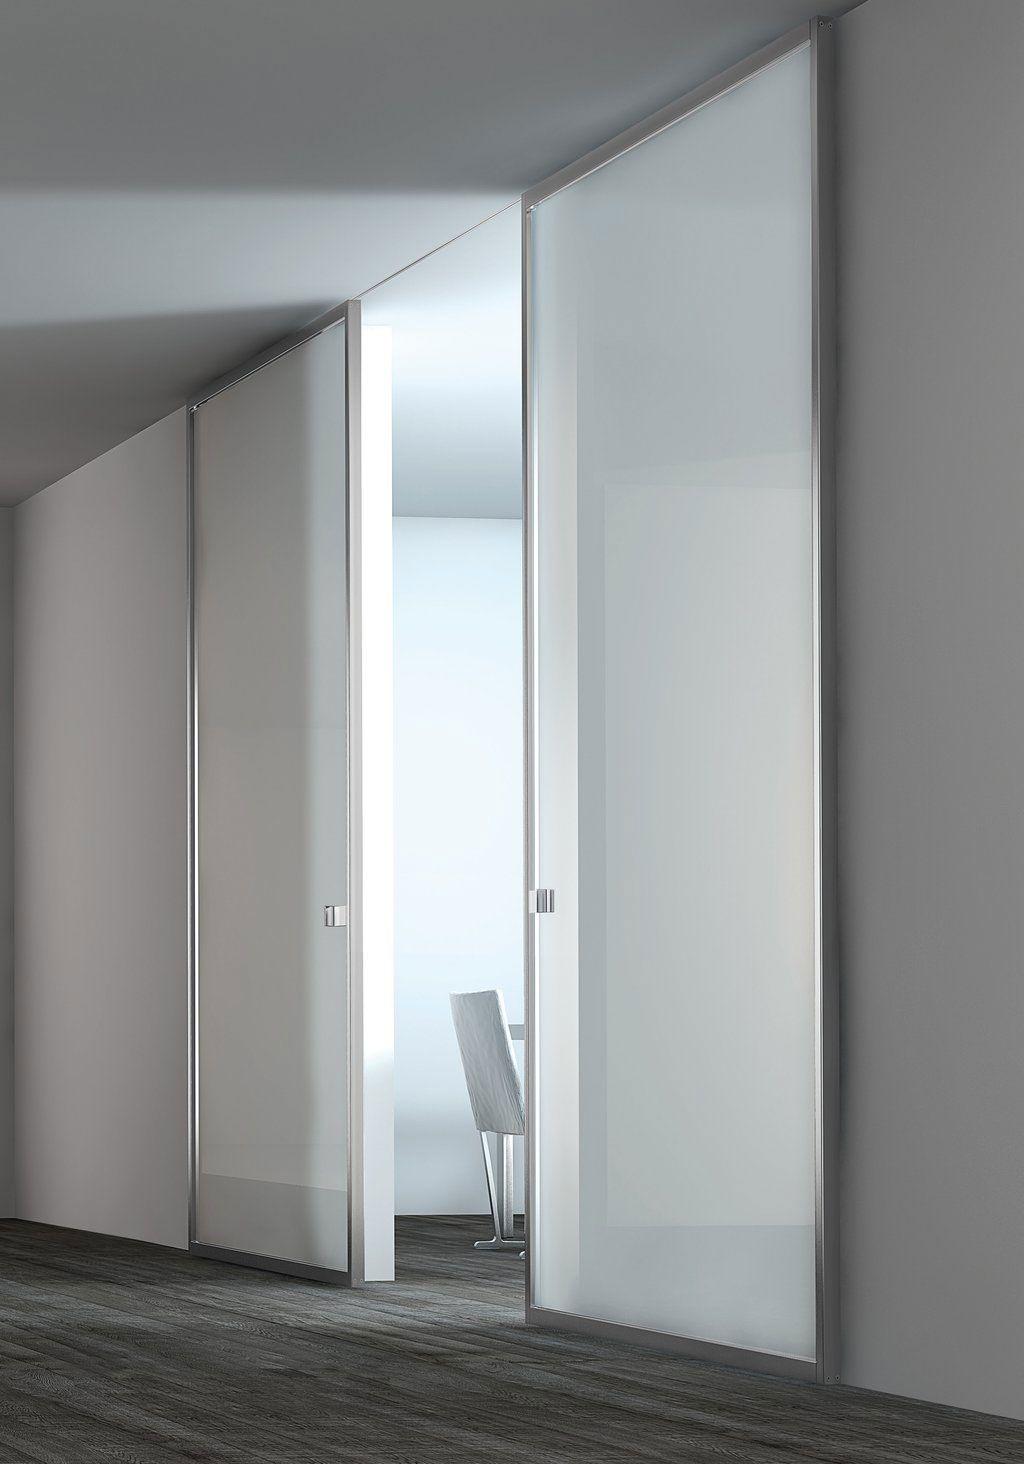 Of Tips Design The Sliding Door For Bedroom Modern Ideas Wallpaper Slidingroomdividerwindowtreatm Home Door Design Modern Sliding Doors Sliding Doors Interior